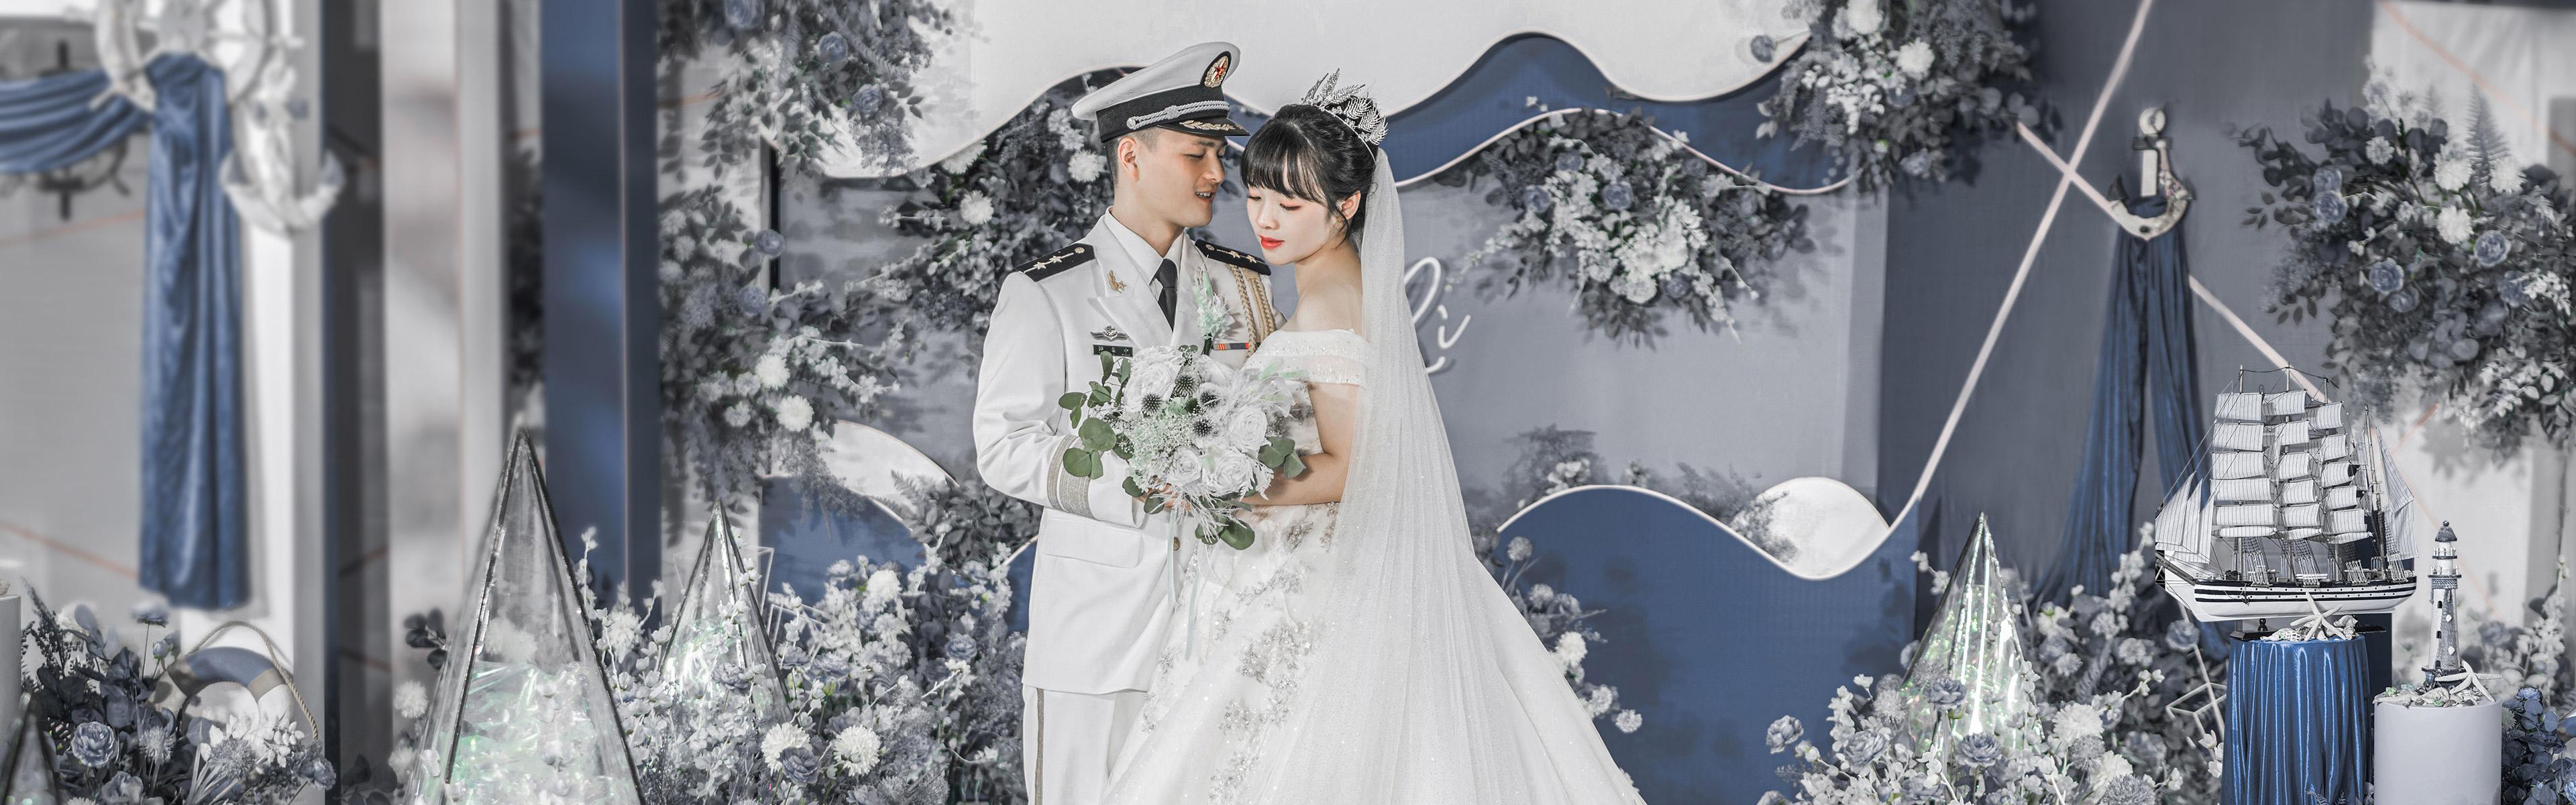 东台市婚庆策划案例:港湾 | 湖南 常德